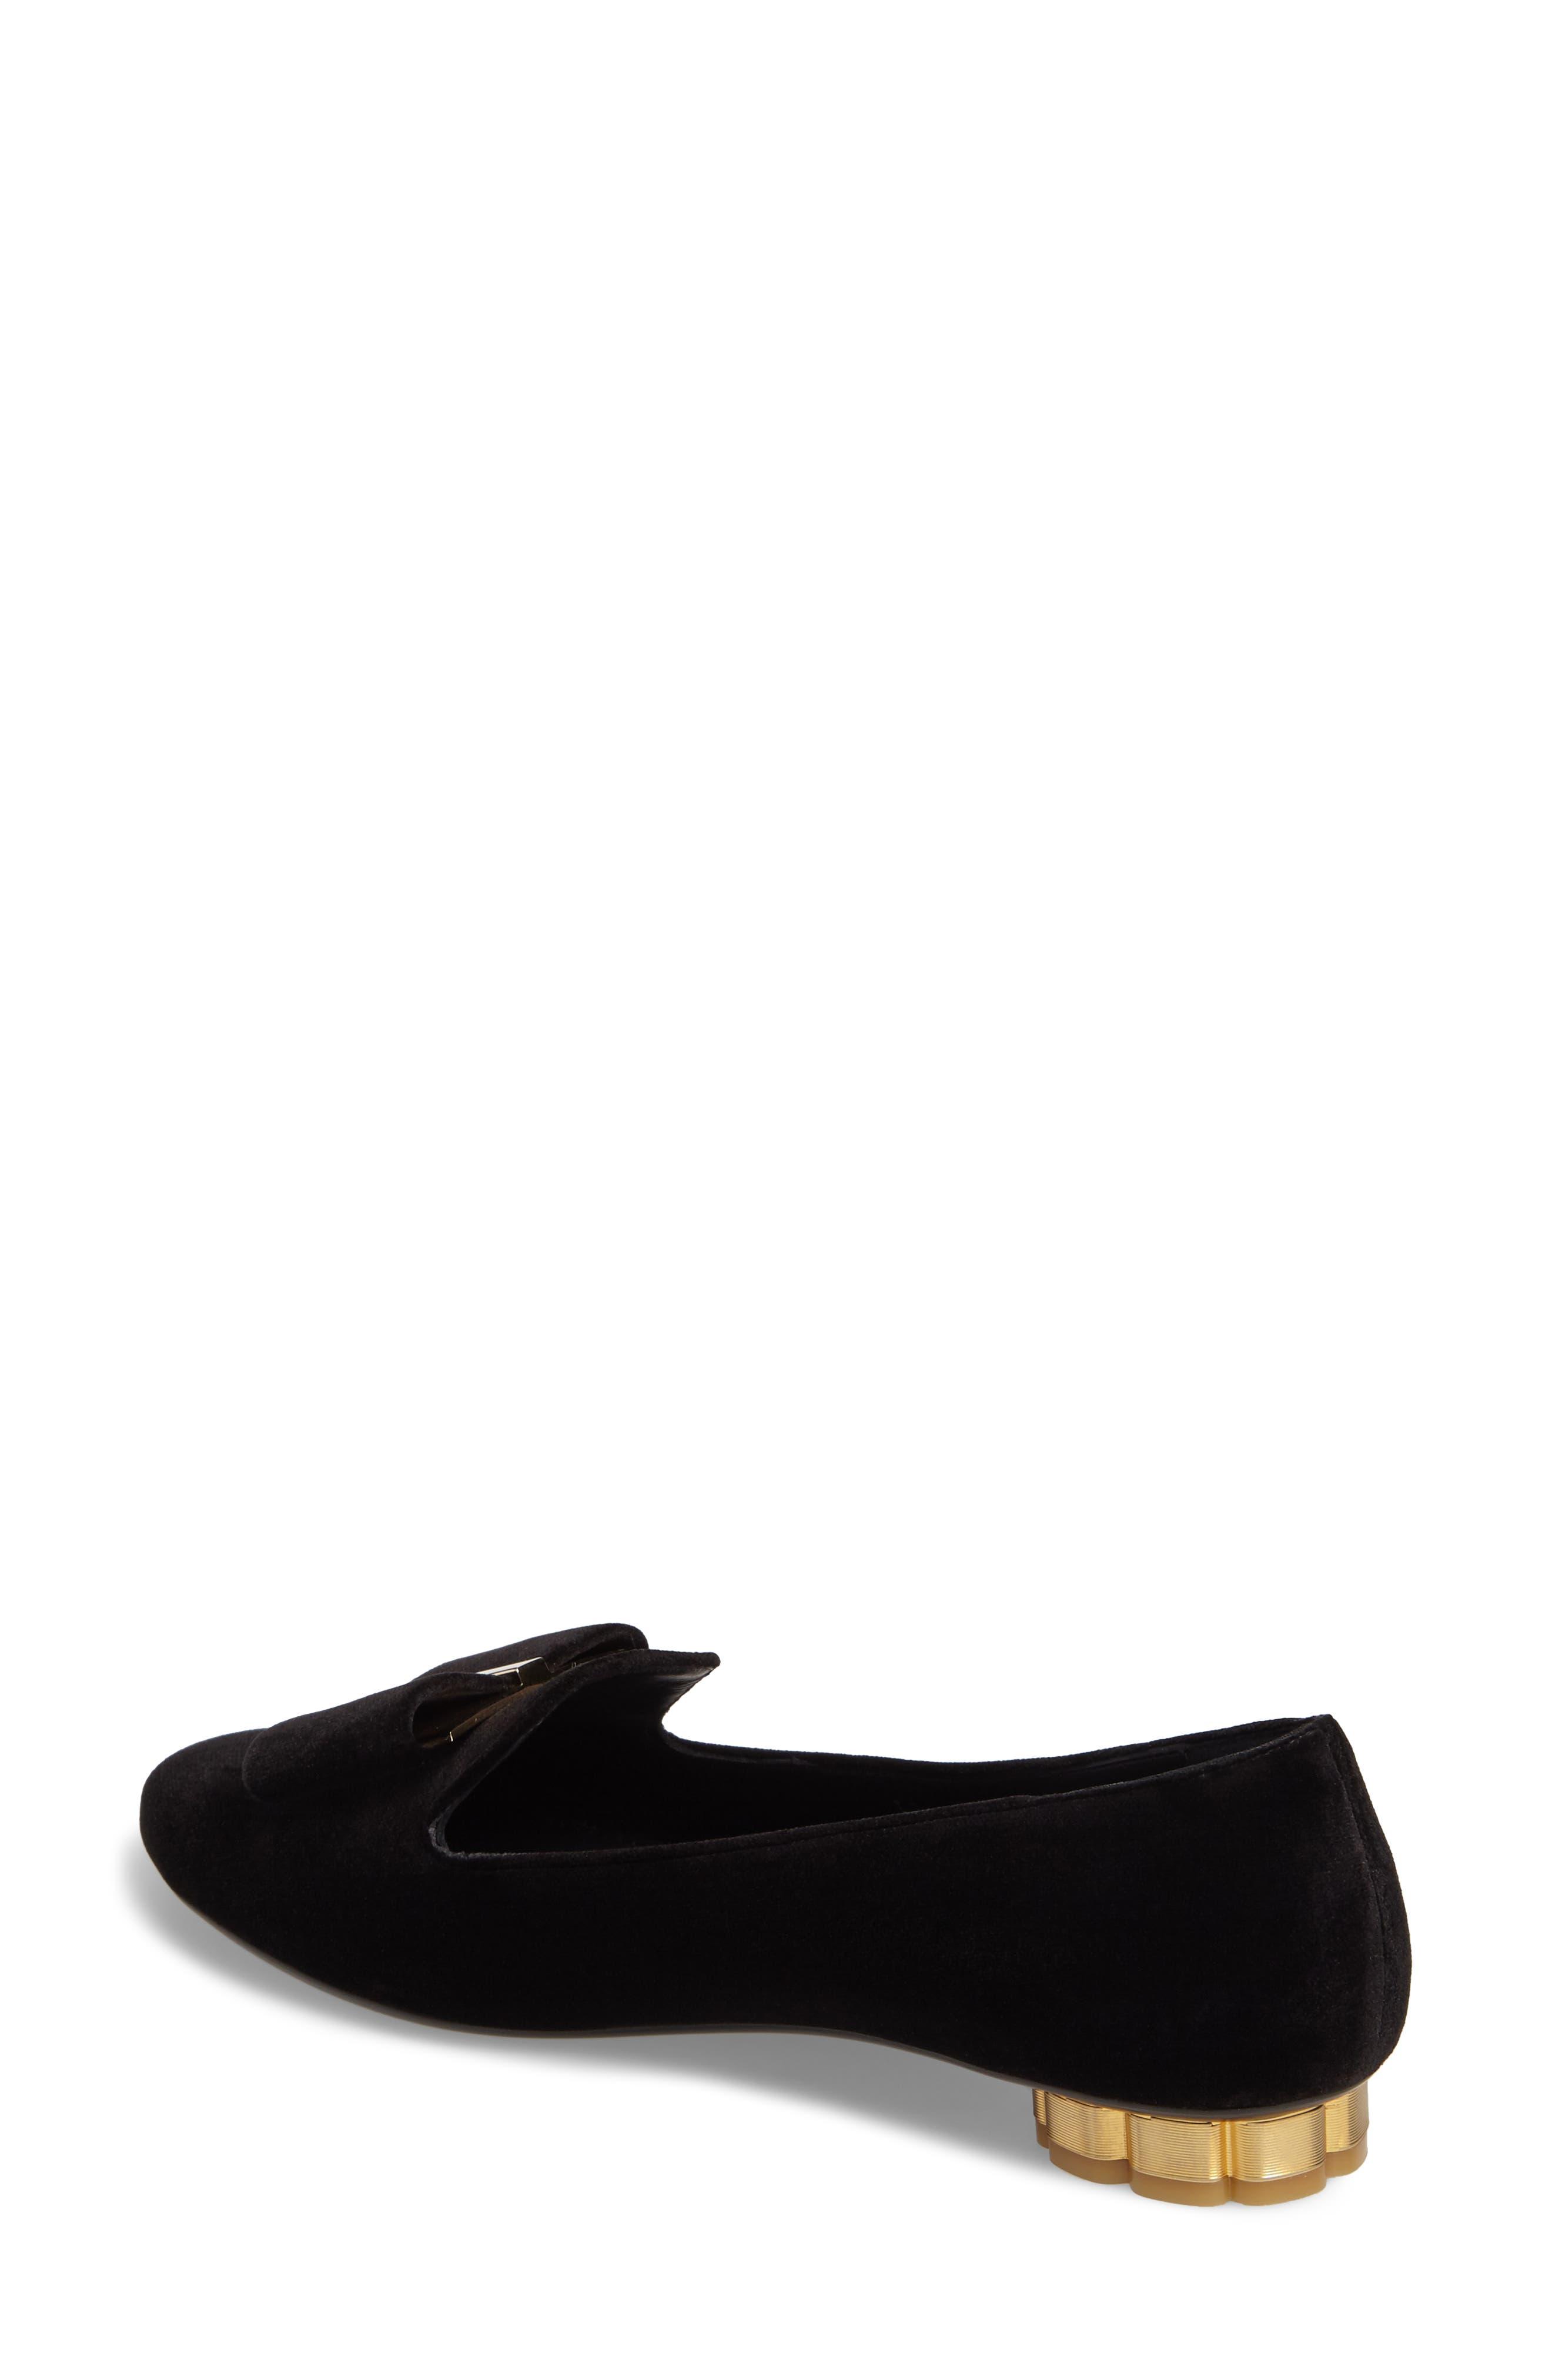 Alternate Image 2  - Salvatore Ferragamo Sarno Flower Heel Smoking Loafer (Women)